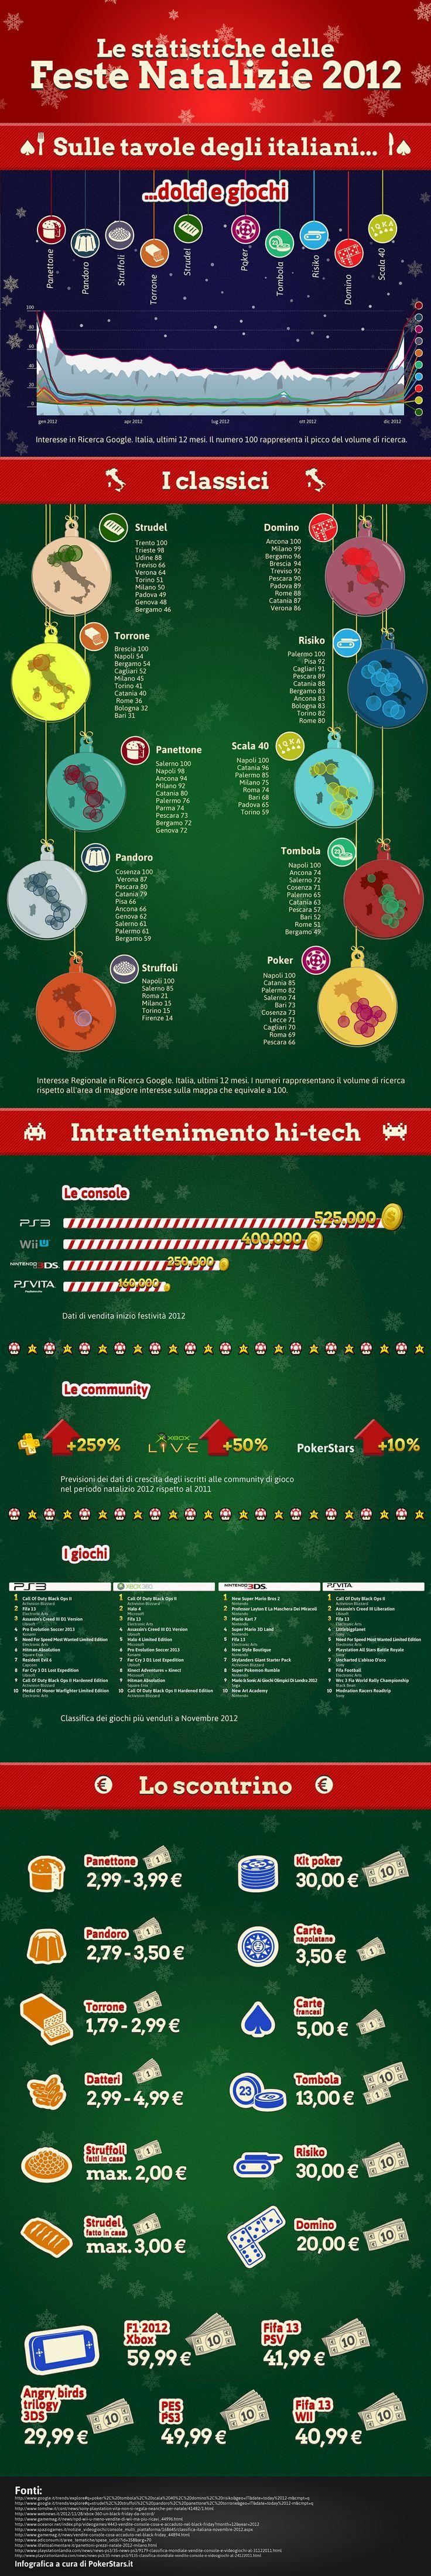 Infografica dedicata ai giochi e tradizioni natalizie